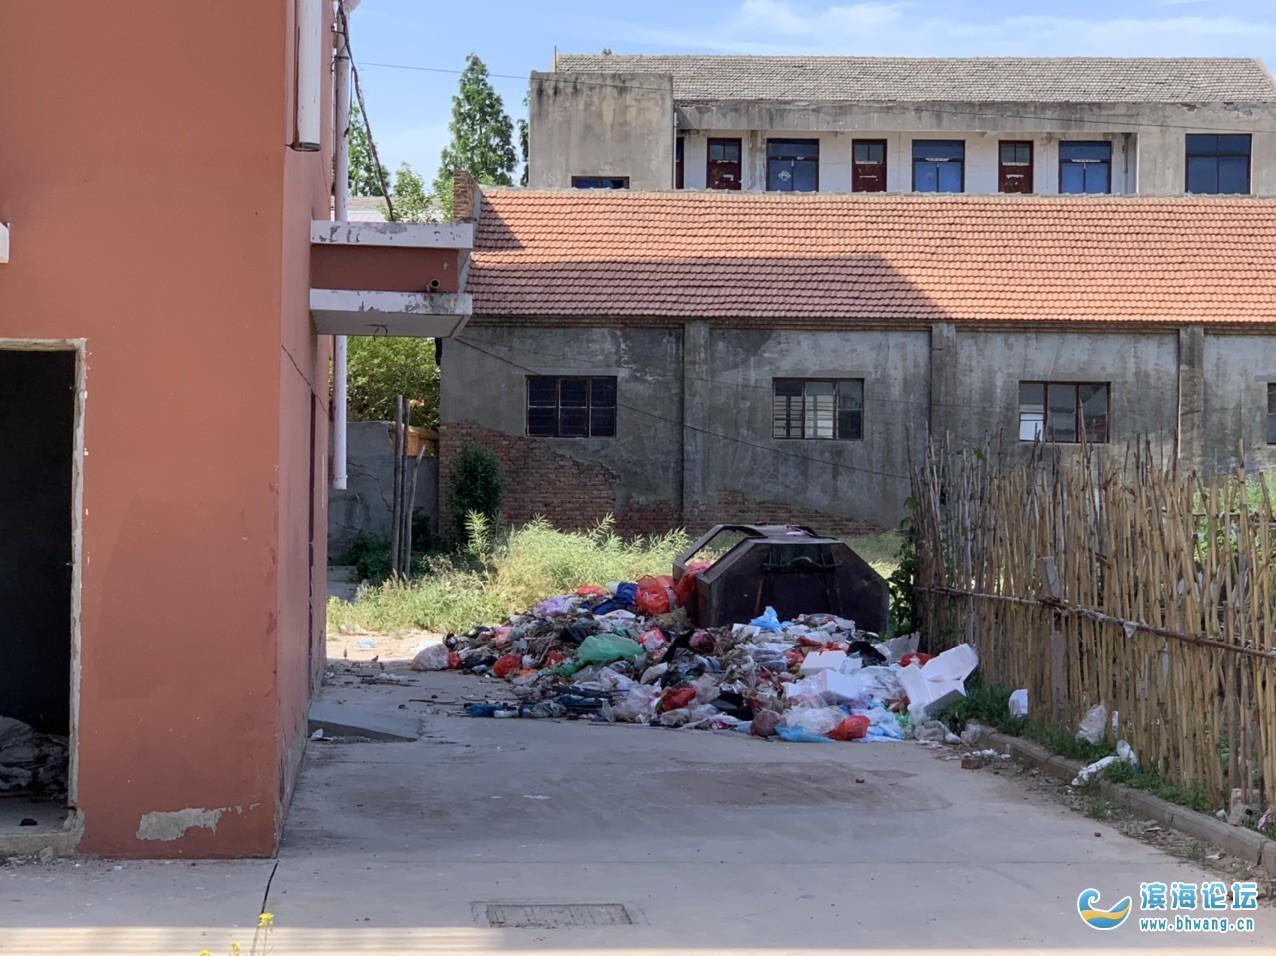 界牌镇学府商贸城卫生环境一塌糊涂,还有别的地方的垃圾夜里三点偷偷倒过来